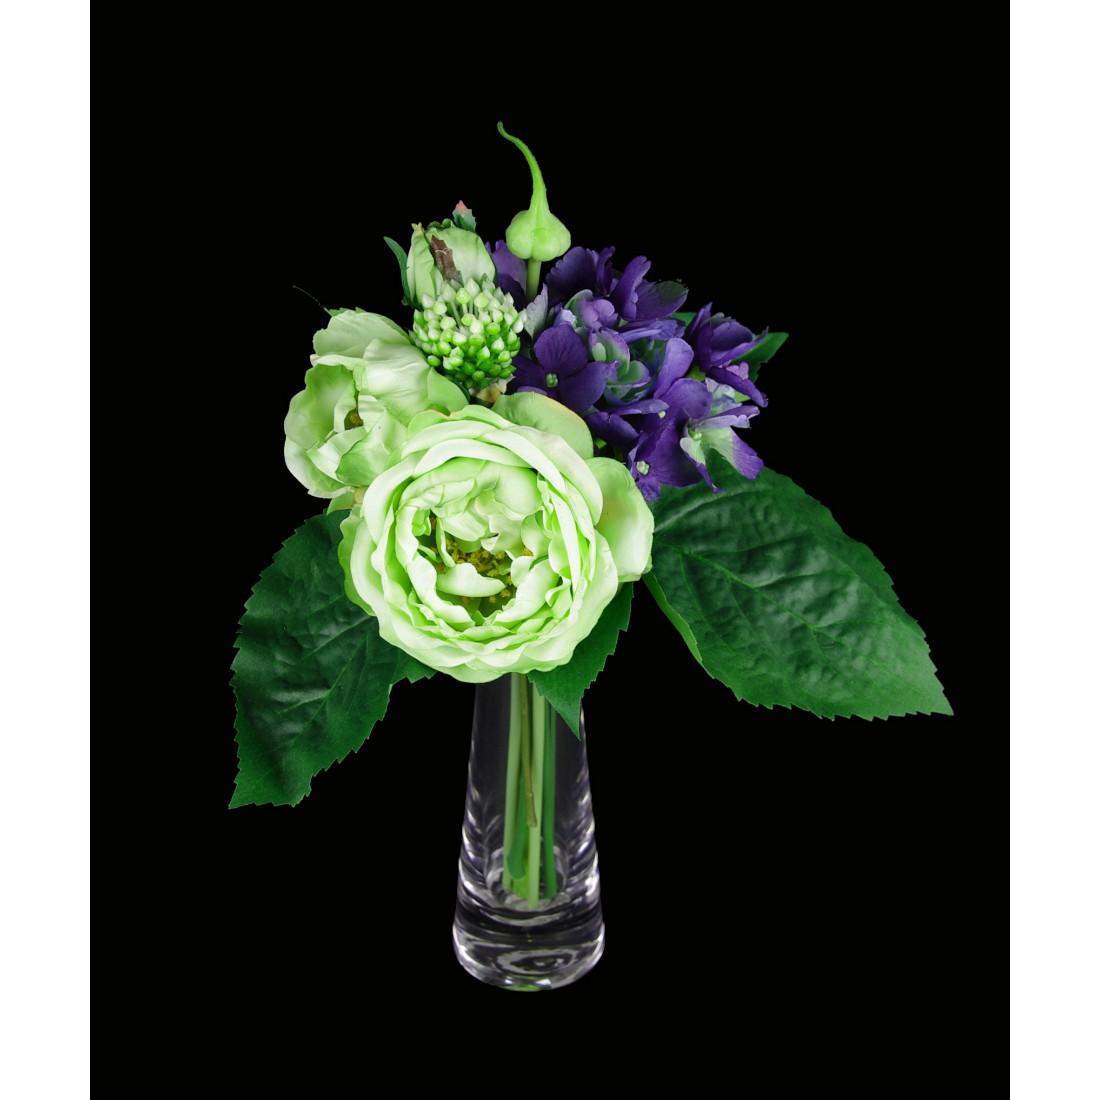 bouquet de renoncules et hortensia artificielles 28 cm bouquets reflets nature lyon. Black Bedroom Furniture Sets. Home Design Ideas